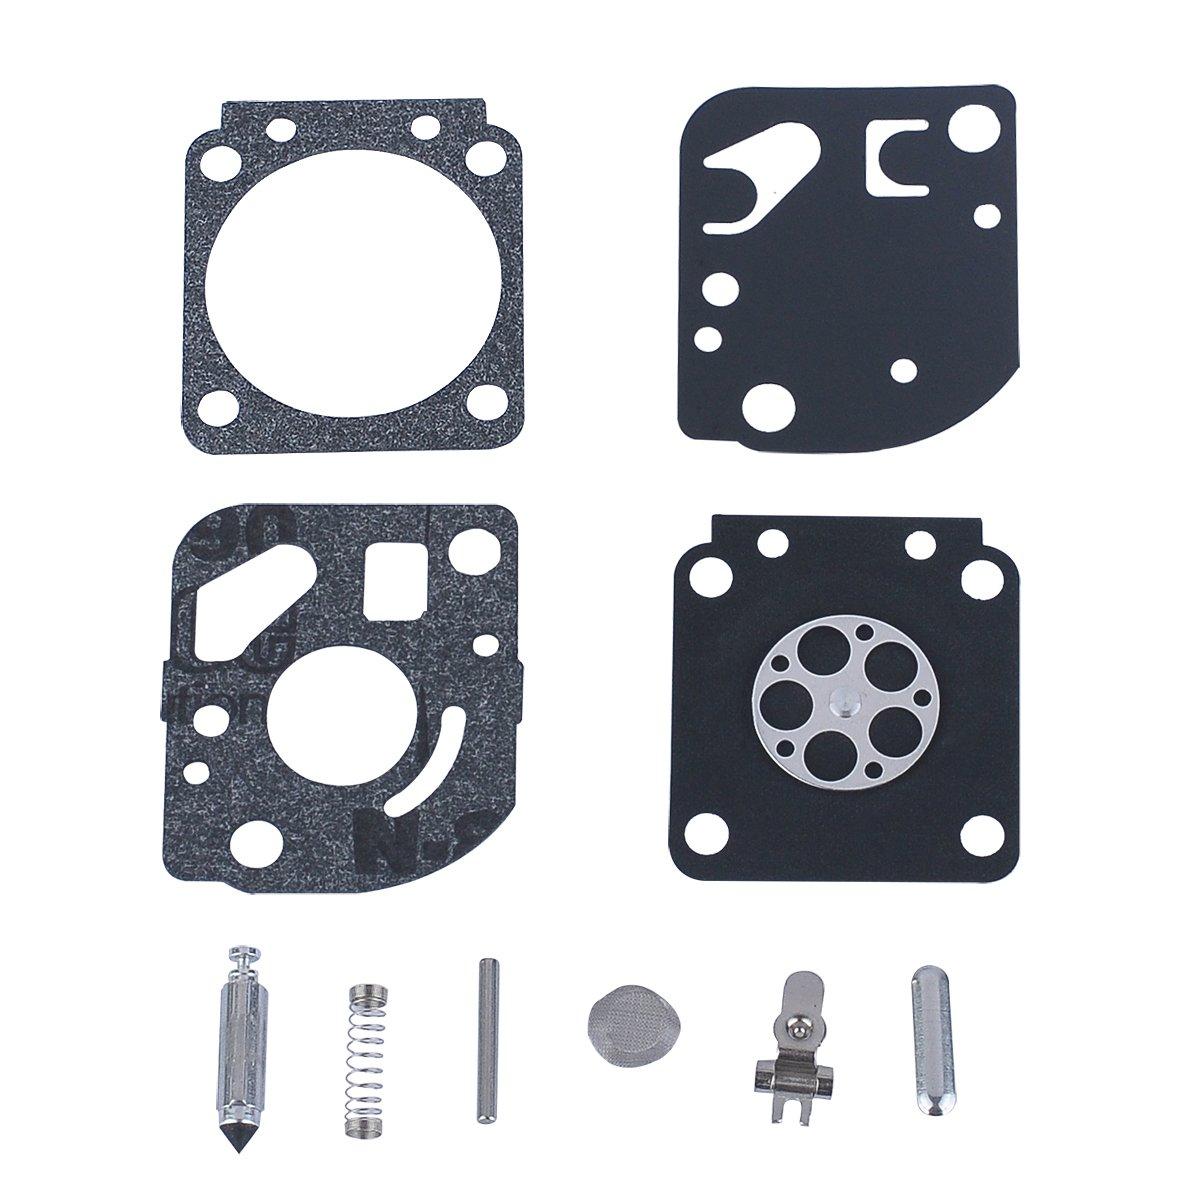 HIPA - Lote de juntas y membranas de carburador para ZAMA ...